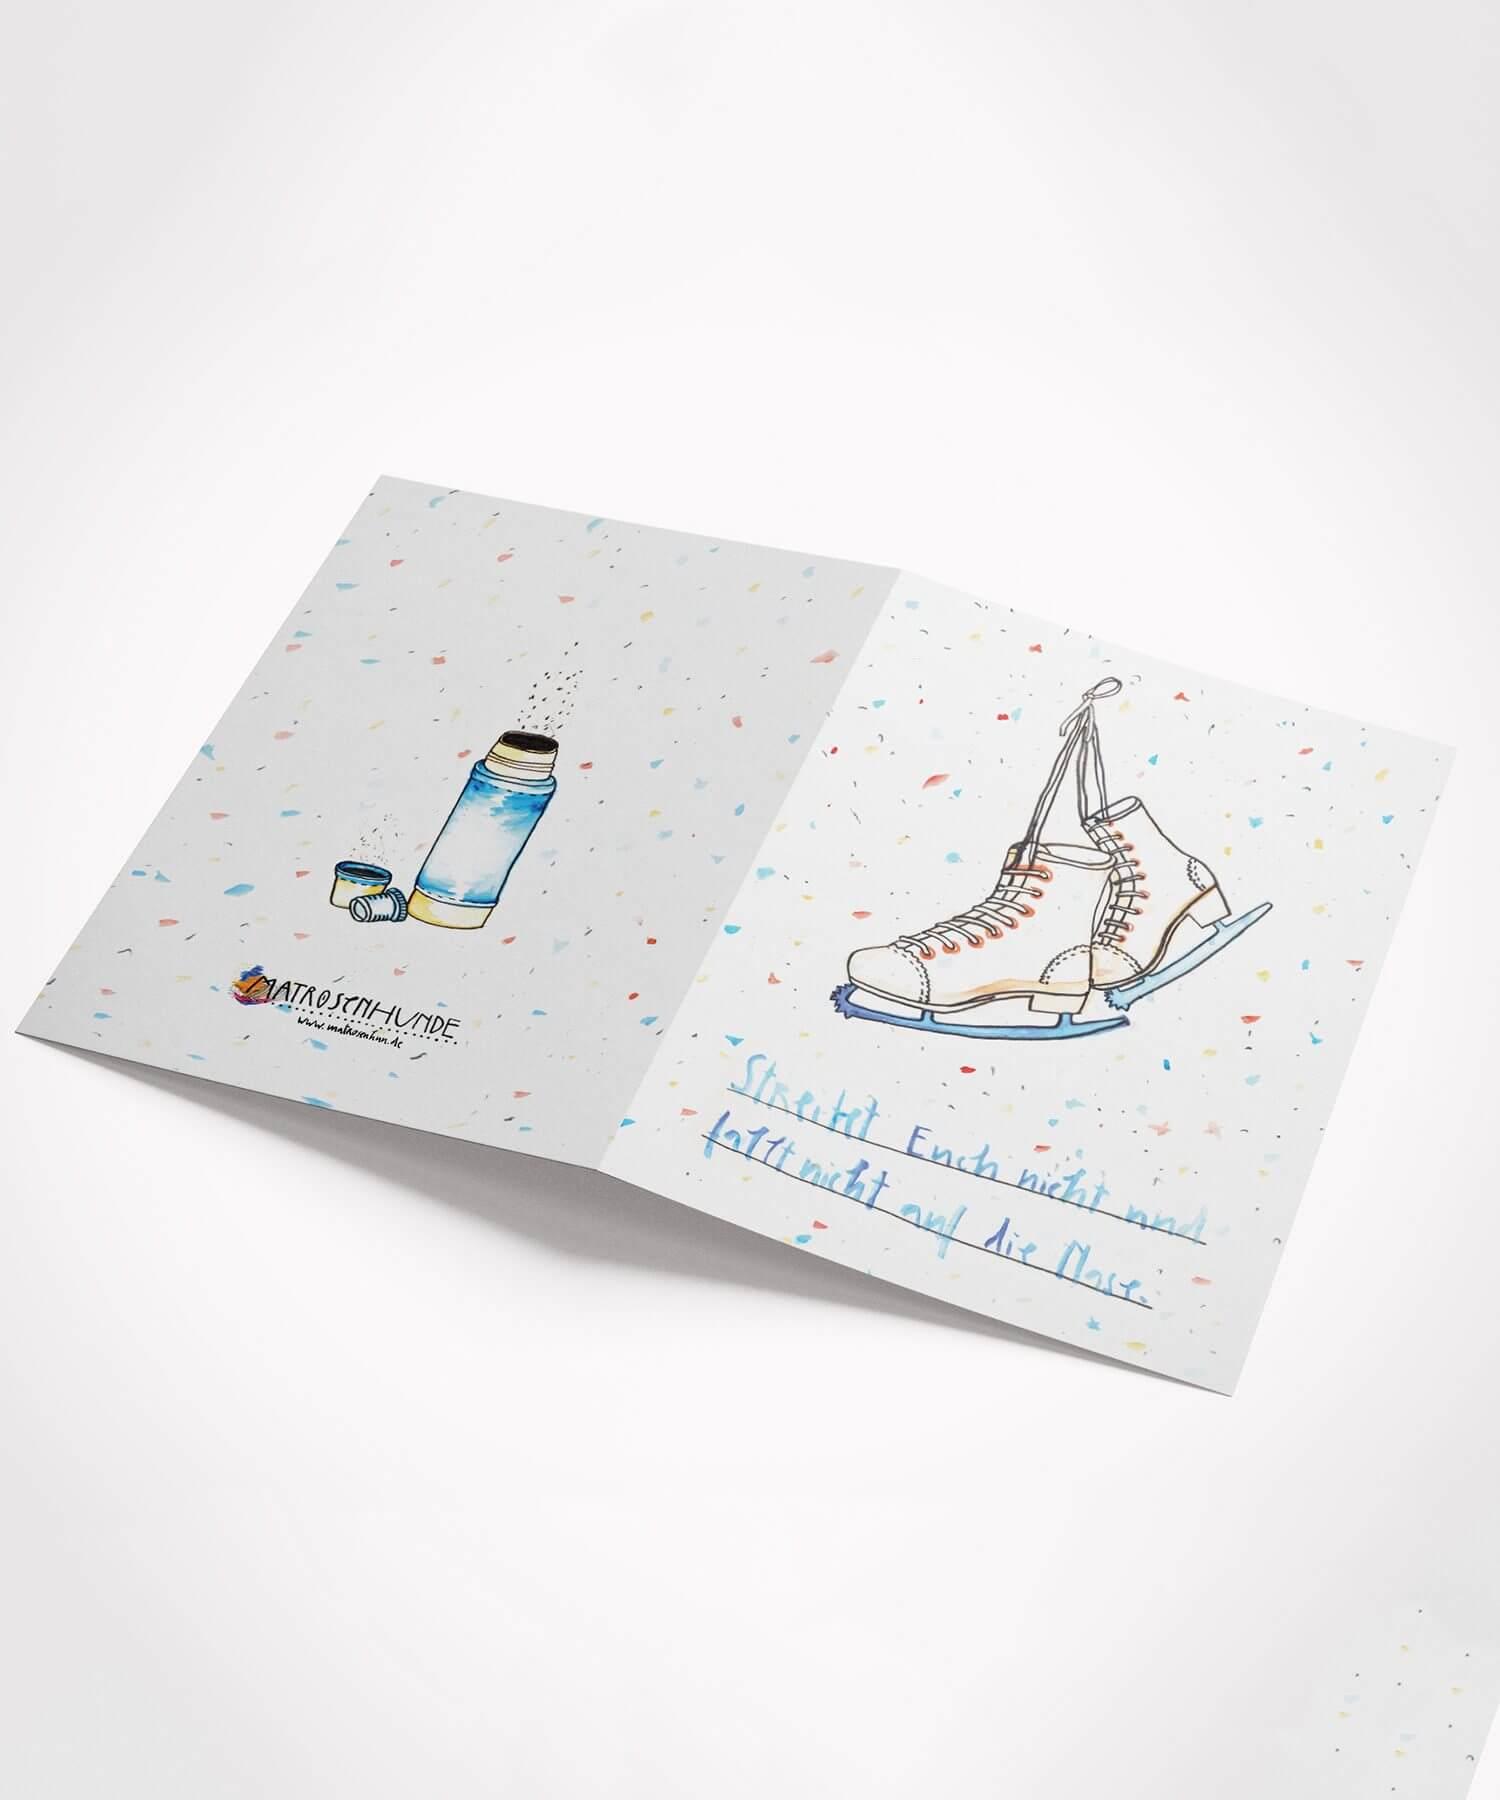 181019-Matrosenhunde-Weihnachts-Klapp-Karte-Doku-03-aussen-1500x1800